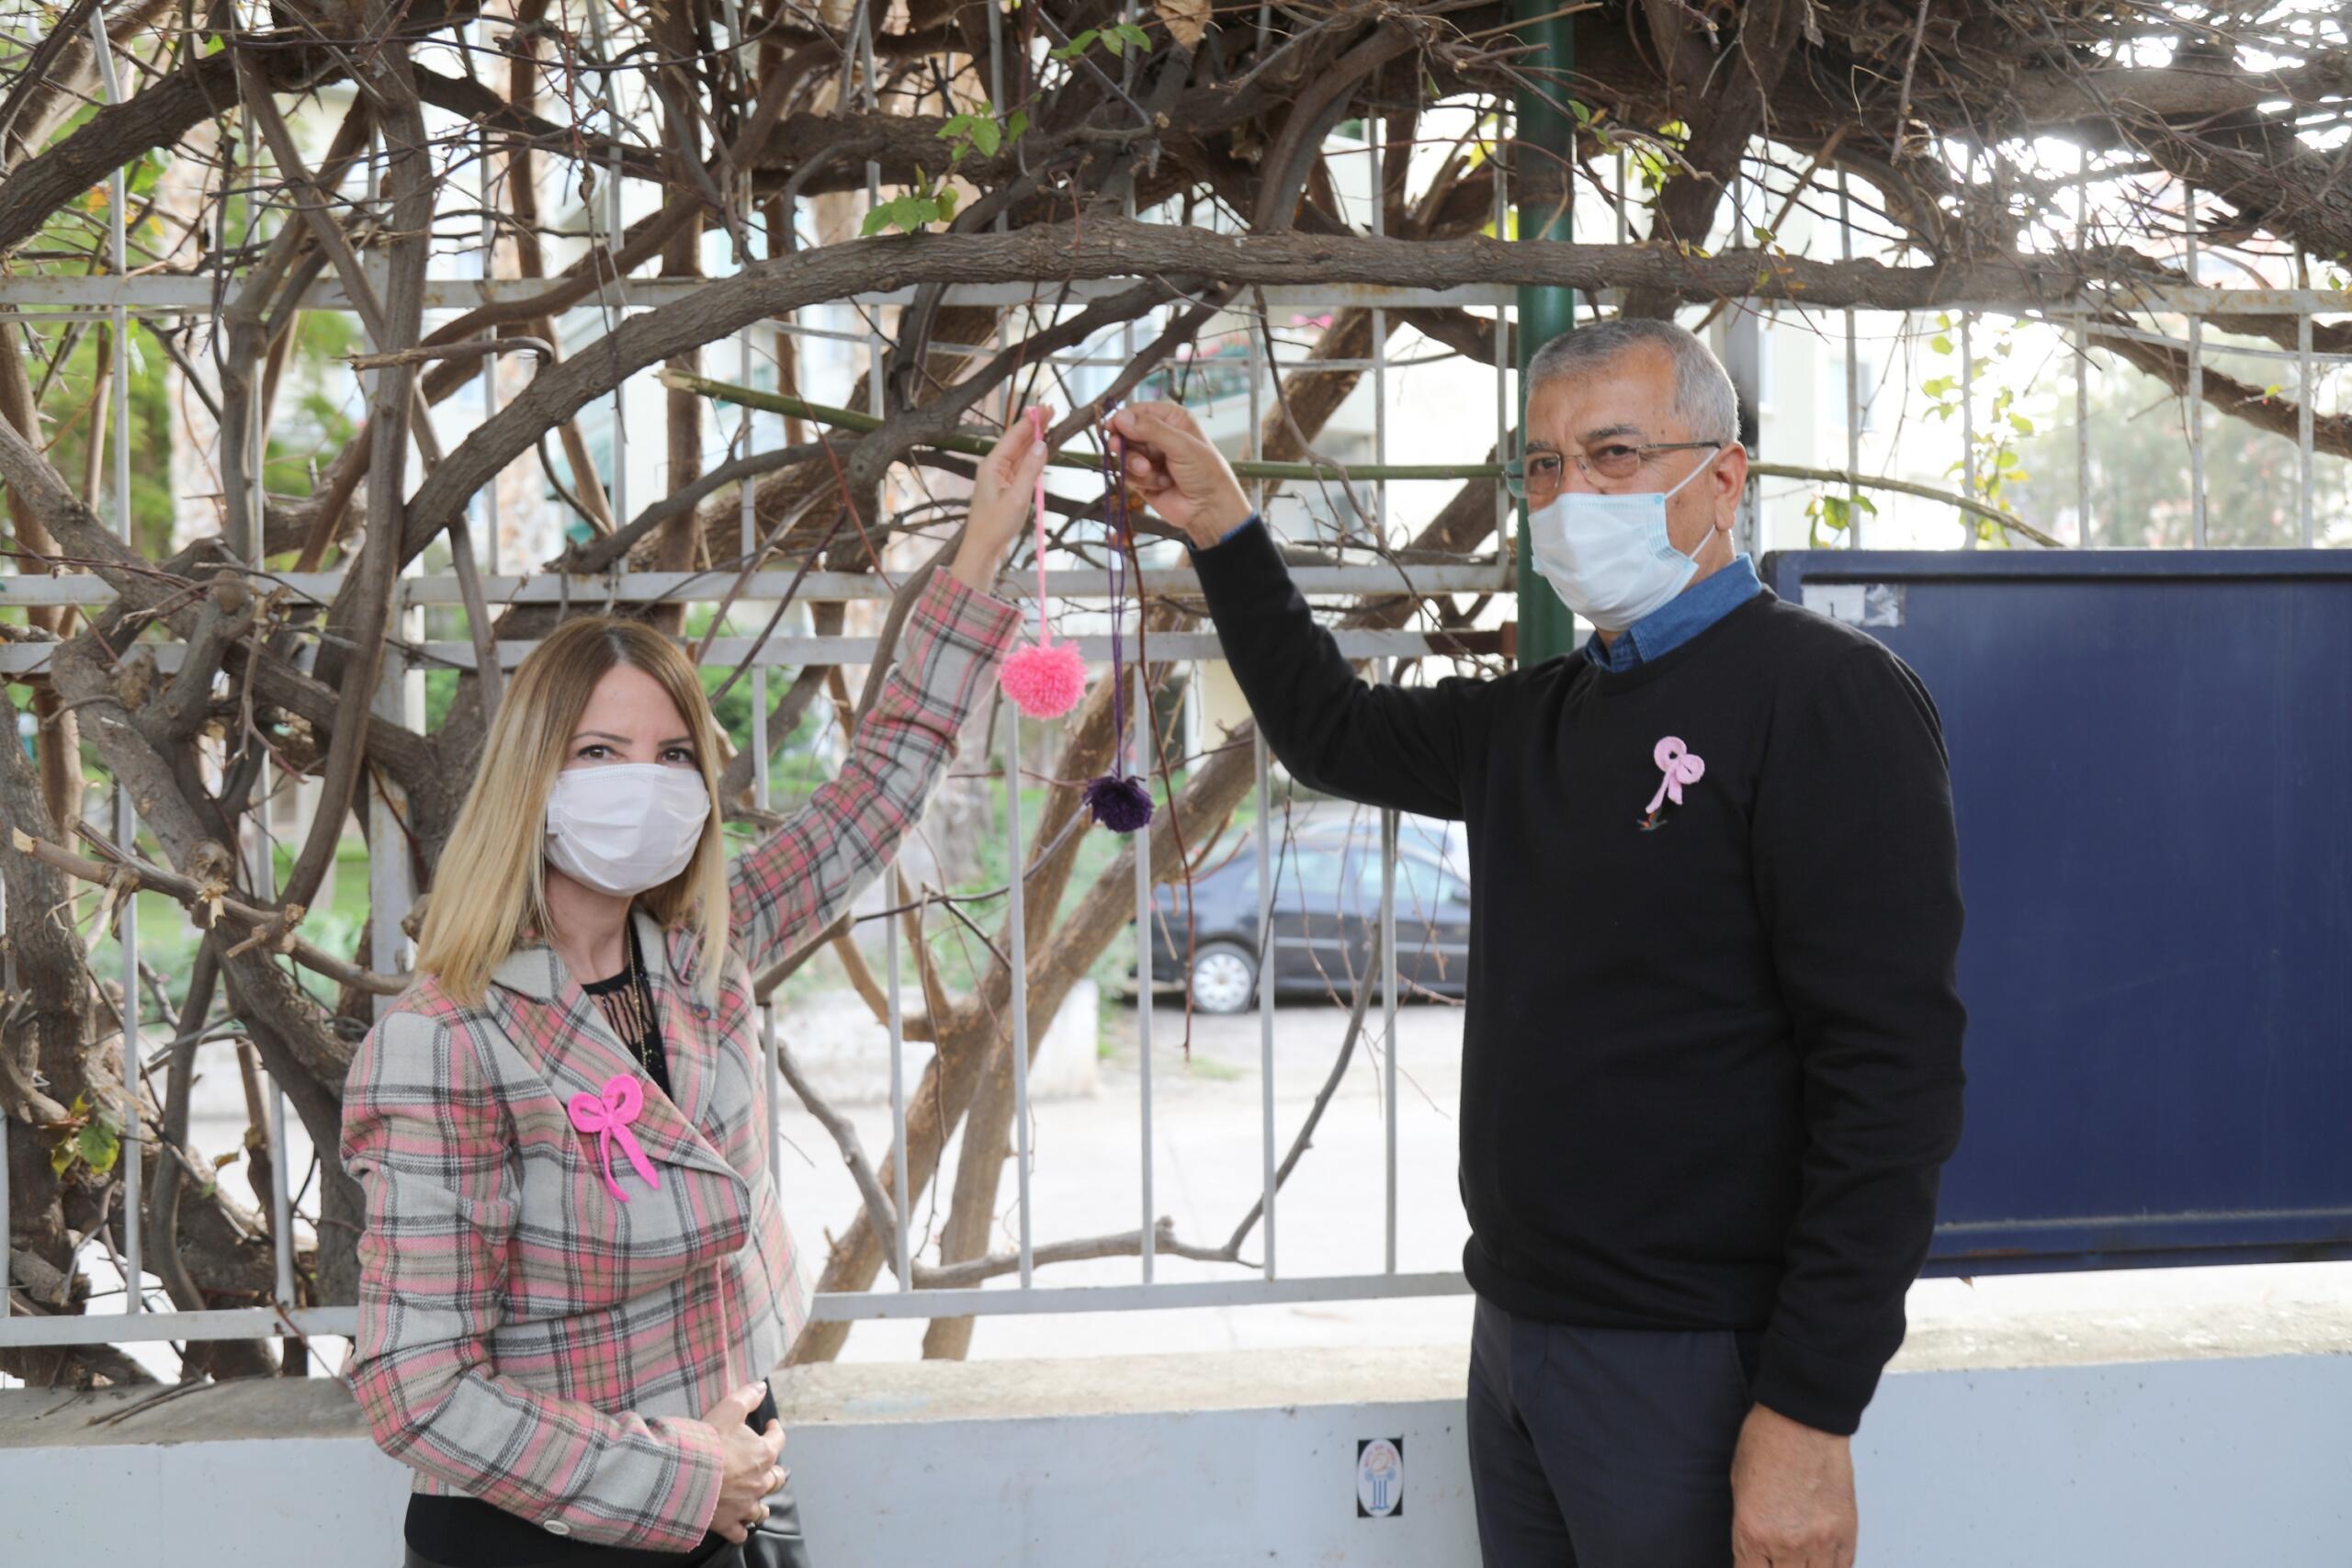 Ağaçlara ponpon asarak kanser farkındalığı yaratmaya çalıştılar